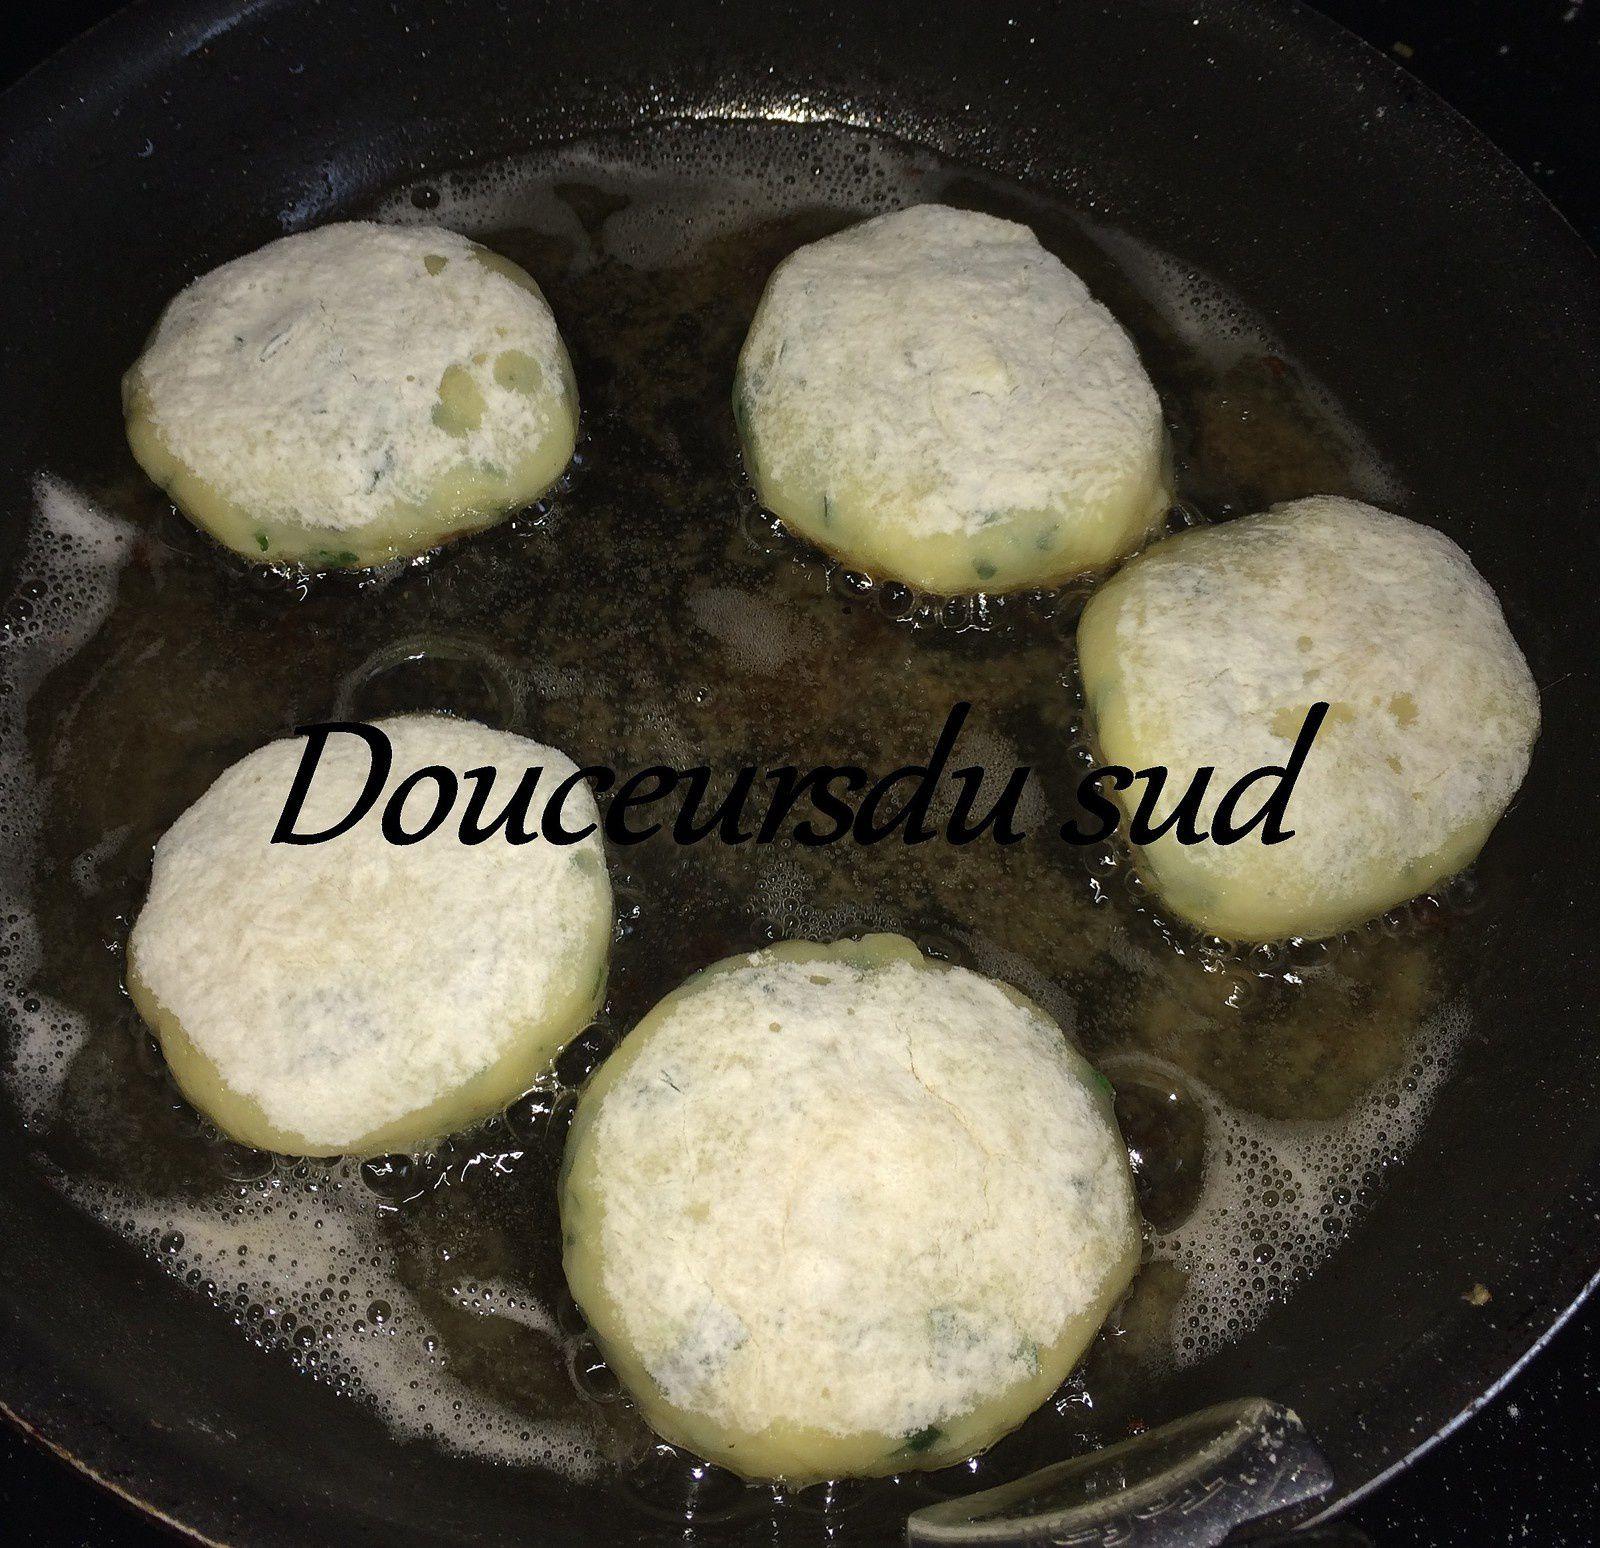 Croquettes de pommes de terre fourrés (Maakouda)